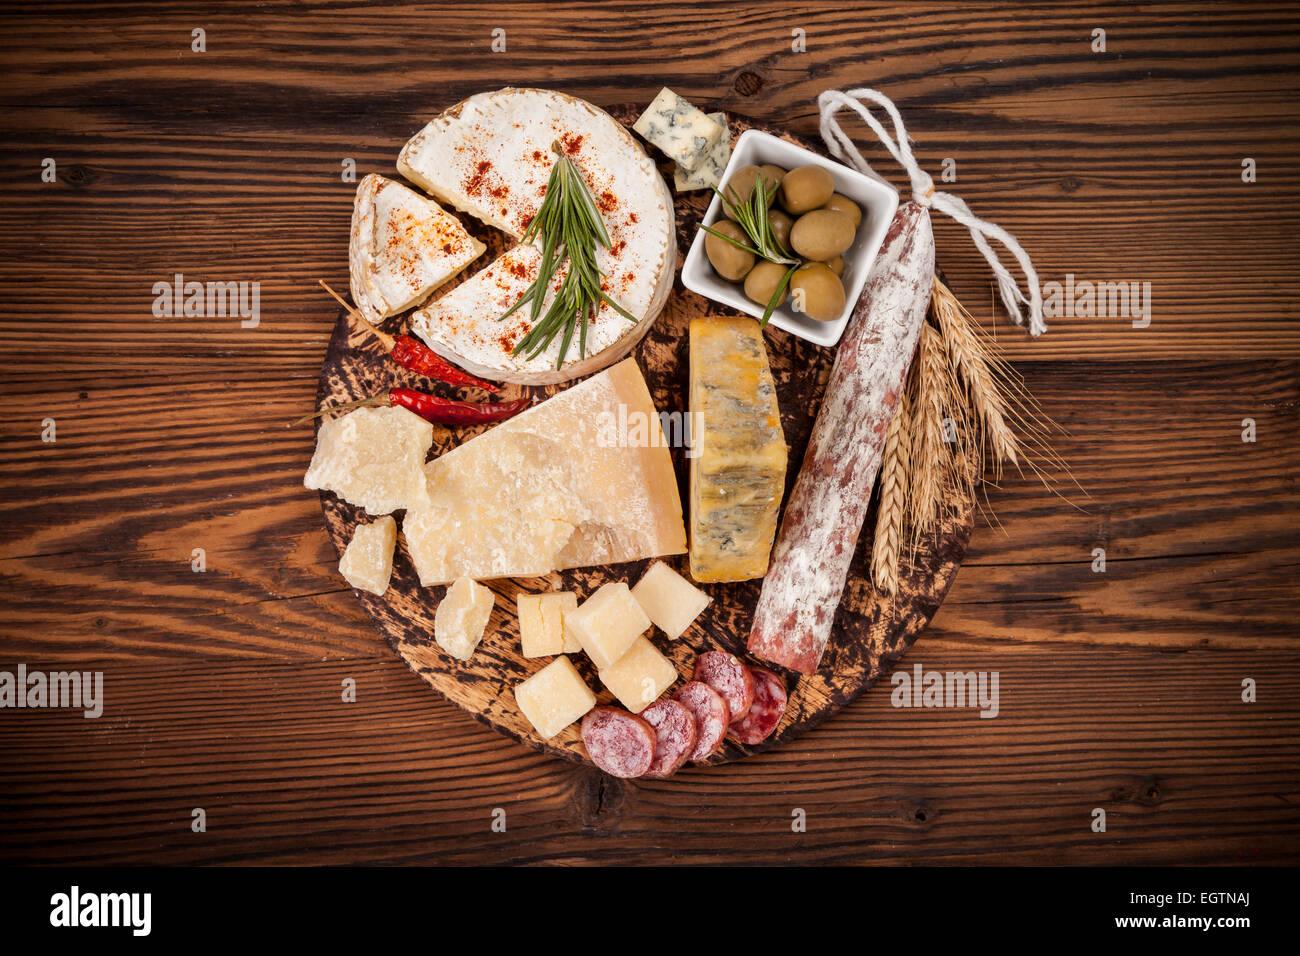 Käse-Anordnung auf Schneidebrett serviert. Schuss aus Vogelperspektive Stockbild